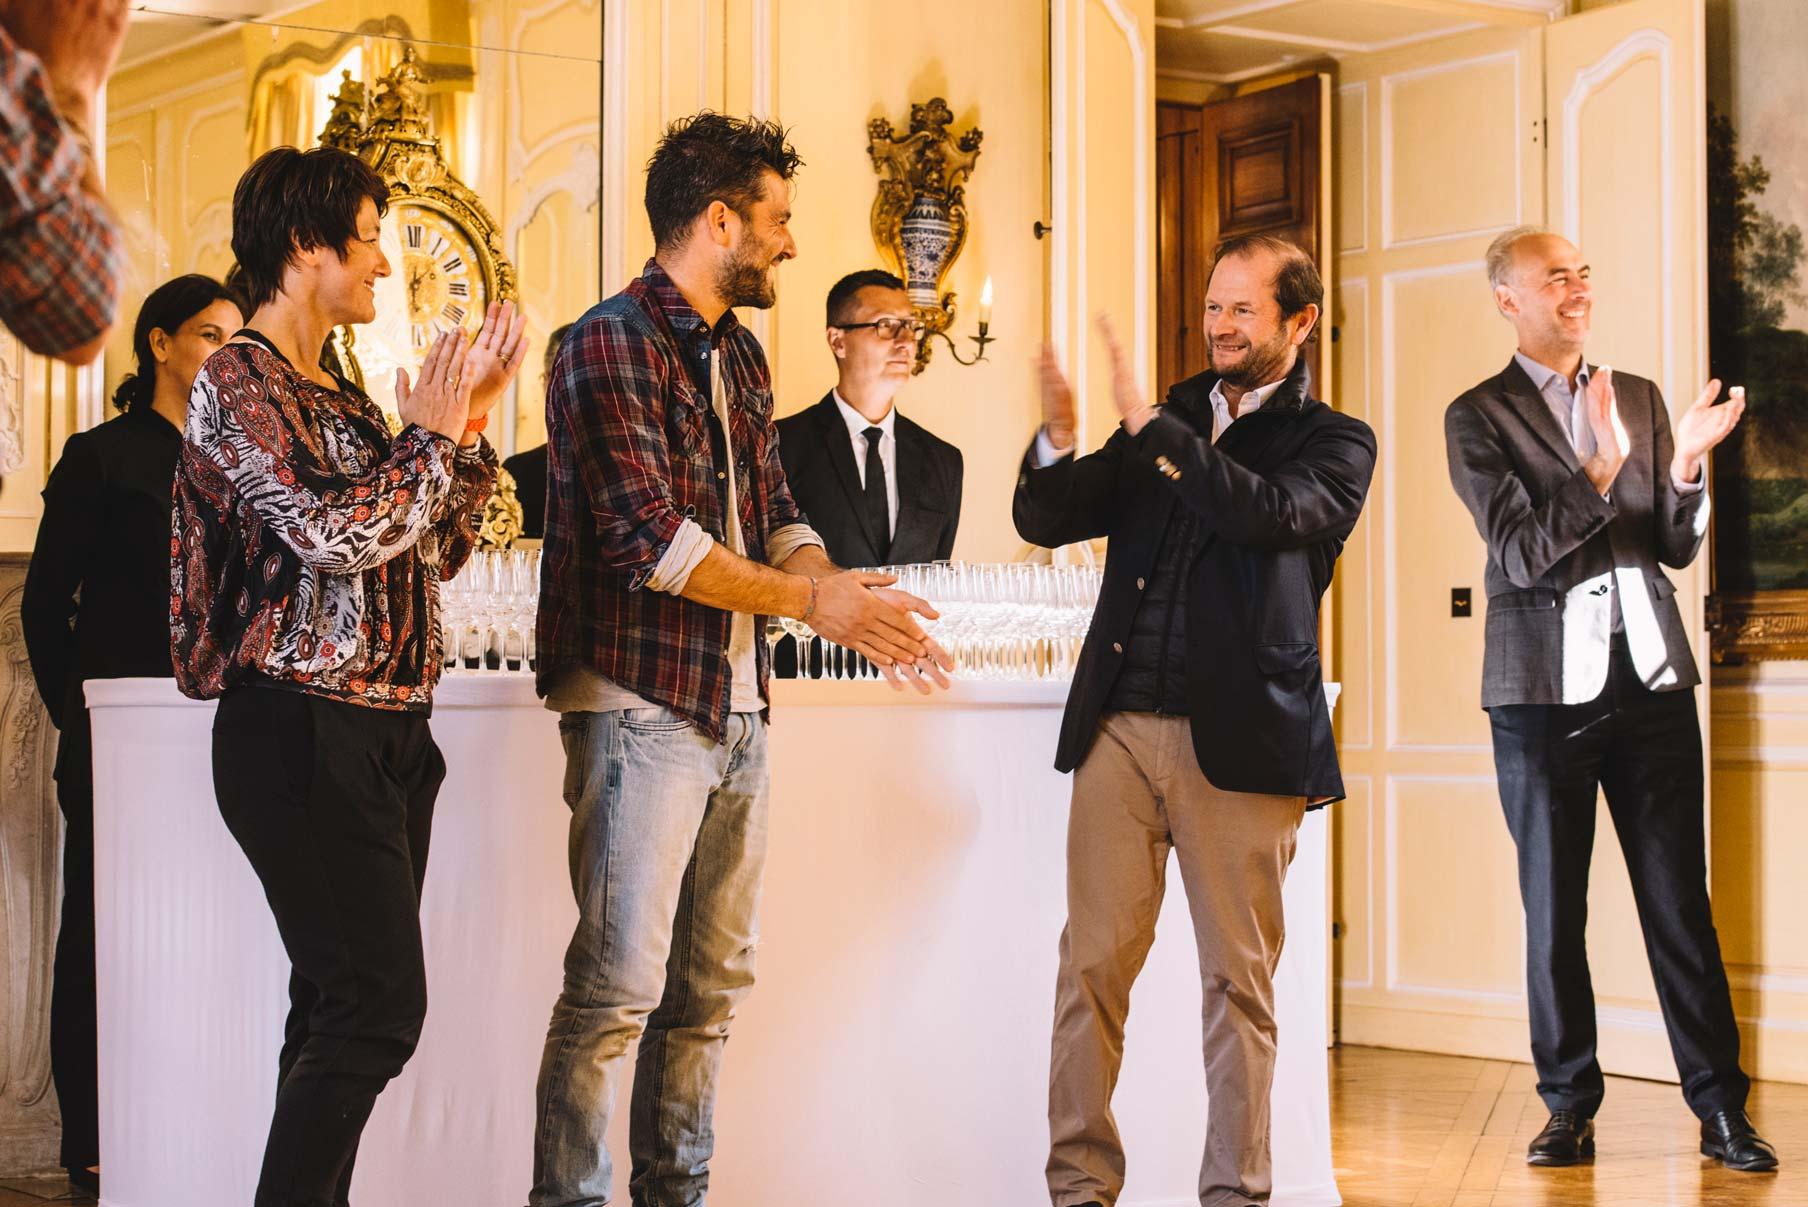 DUTE Consegna diplomi   Château d'Yquem   Sauternes   Bordeaux